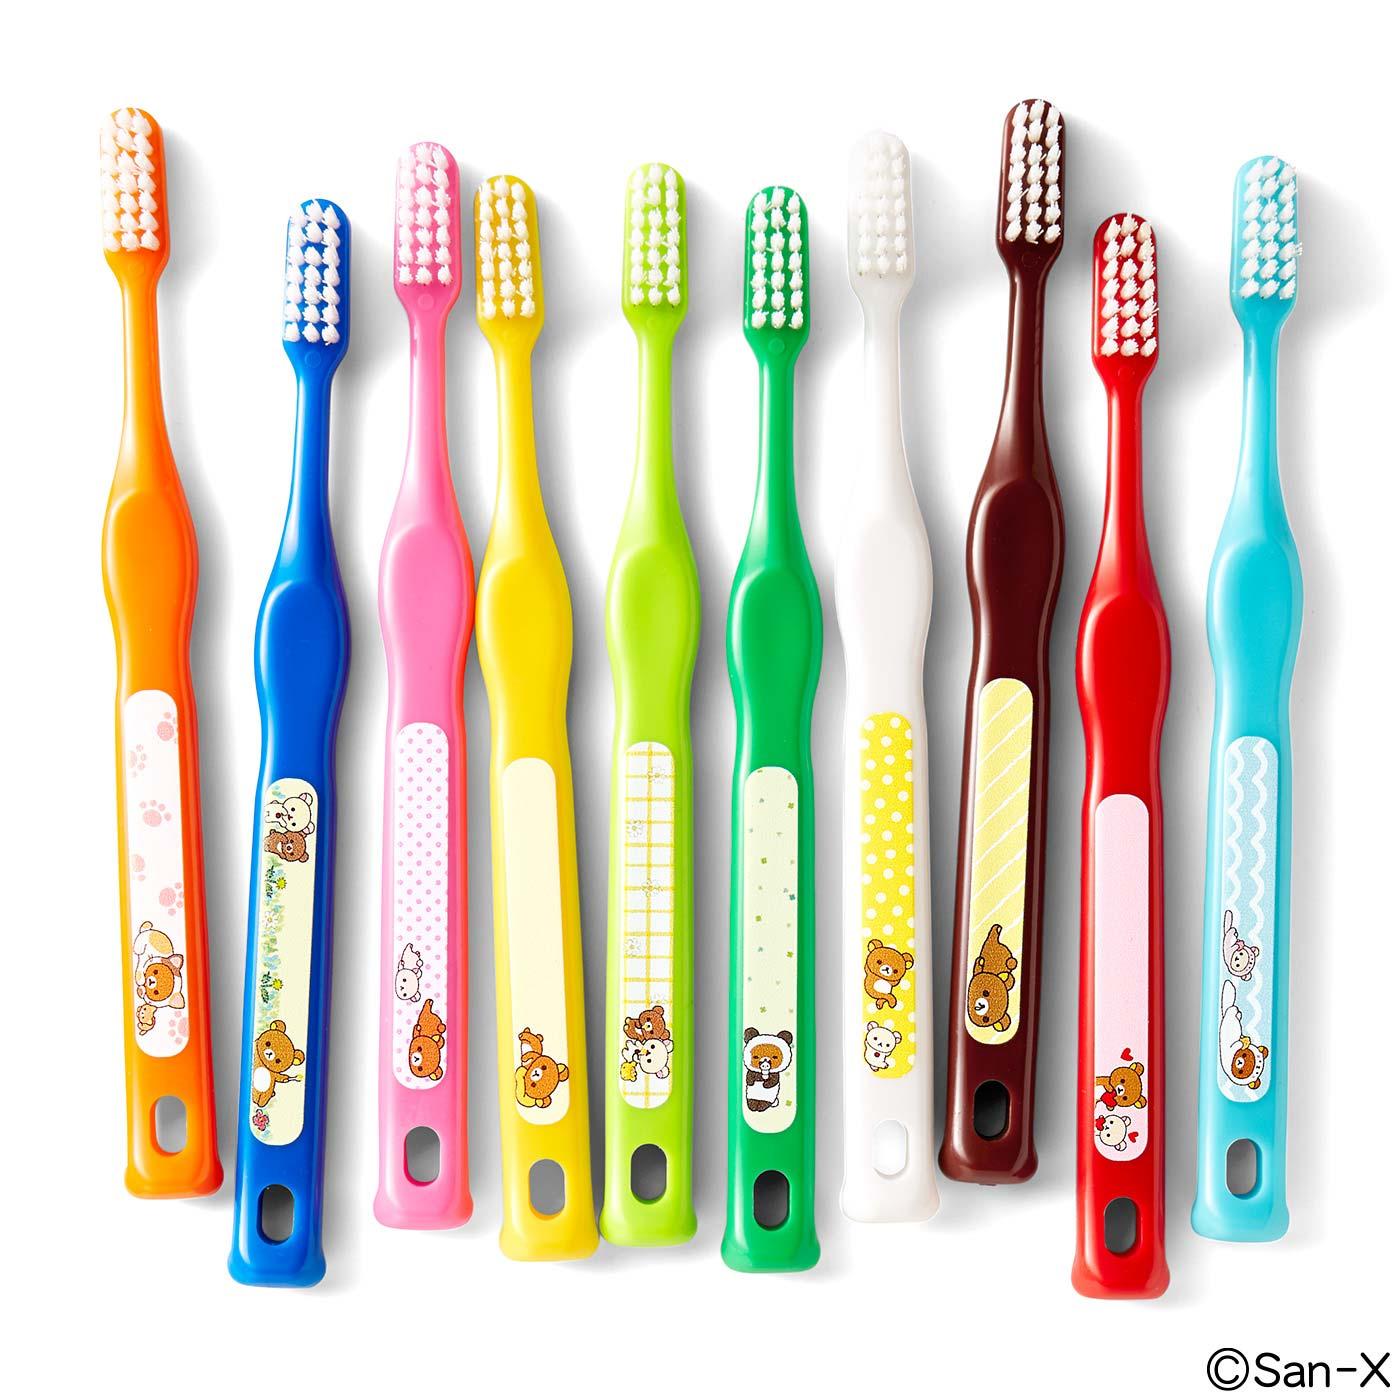 小さな歯も磨きやすいスリム&コンパクトヘッド。子どもにも持ちやすいハンドル。